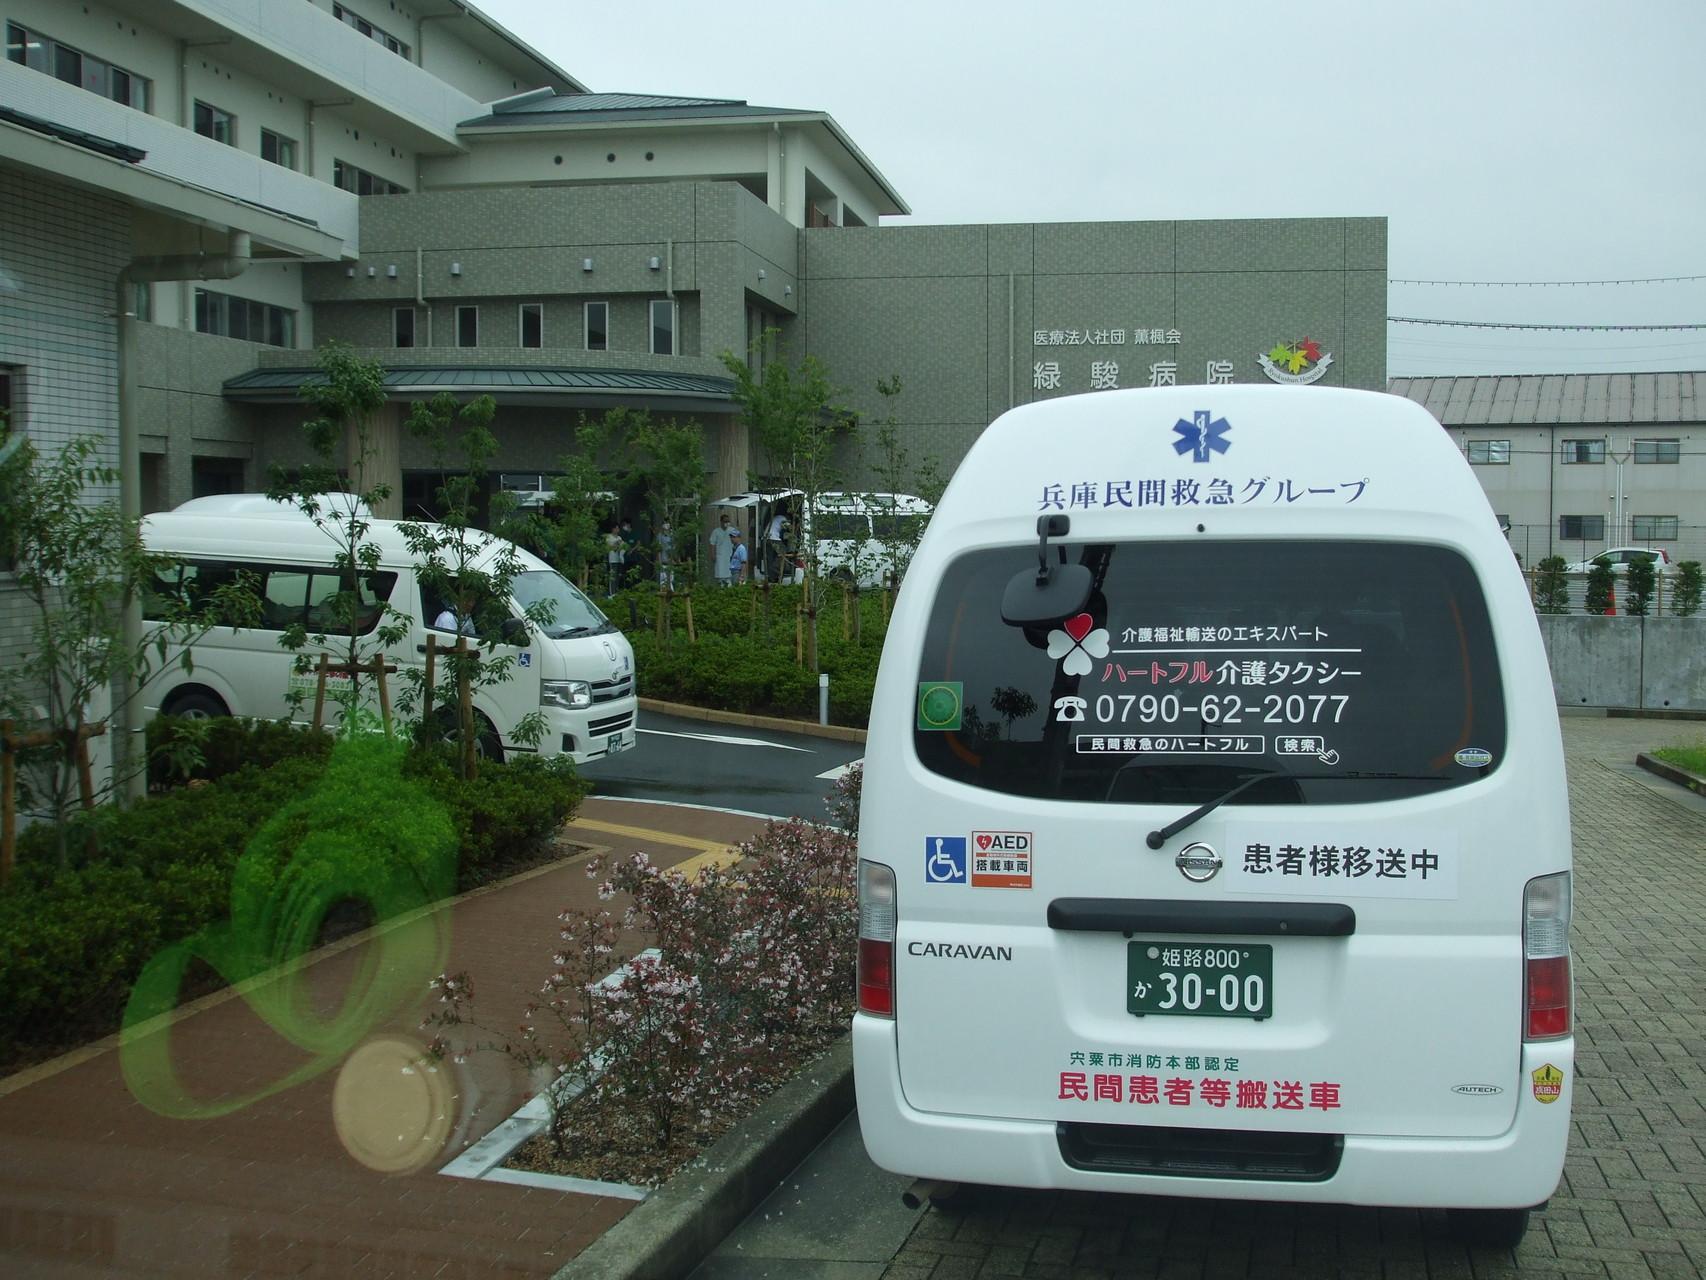 薫楓会 緑駿病院(小野市匠台)で降車順番待ち